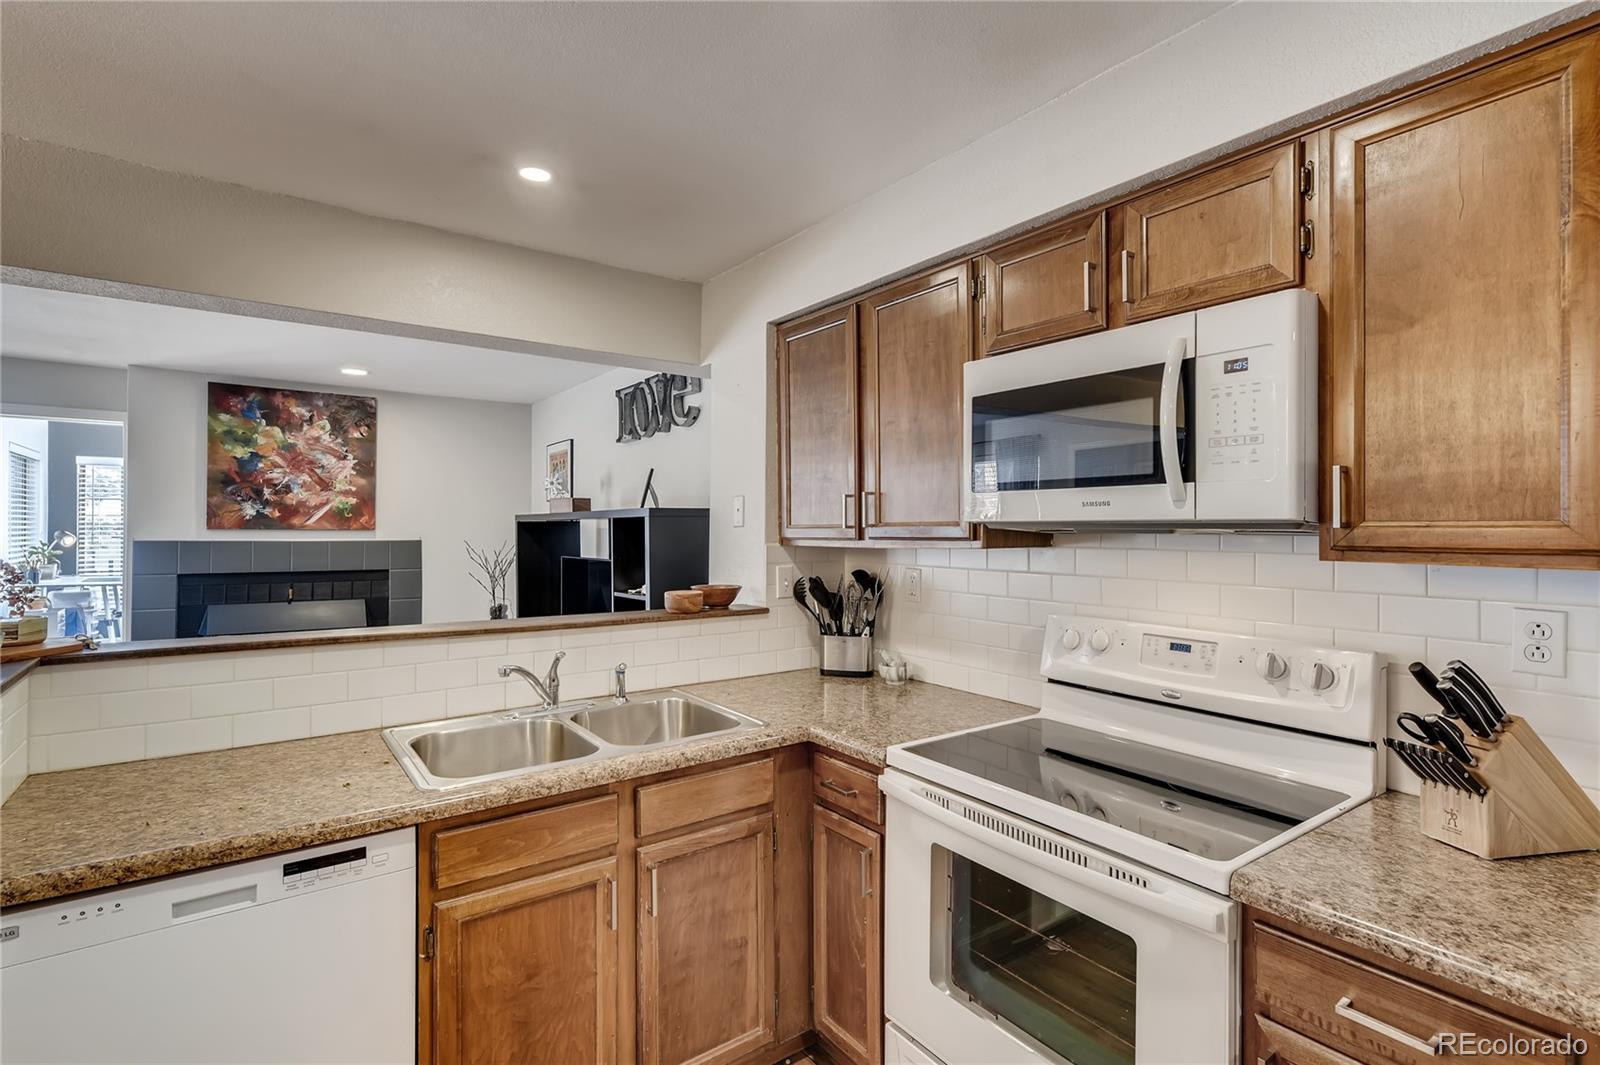 MLS# 2286573 - 20 - 836 S Vance Street #A, Lakewood, CO 80226